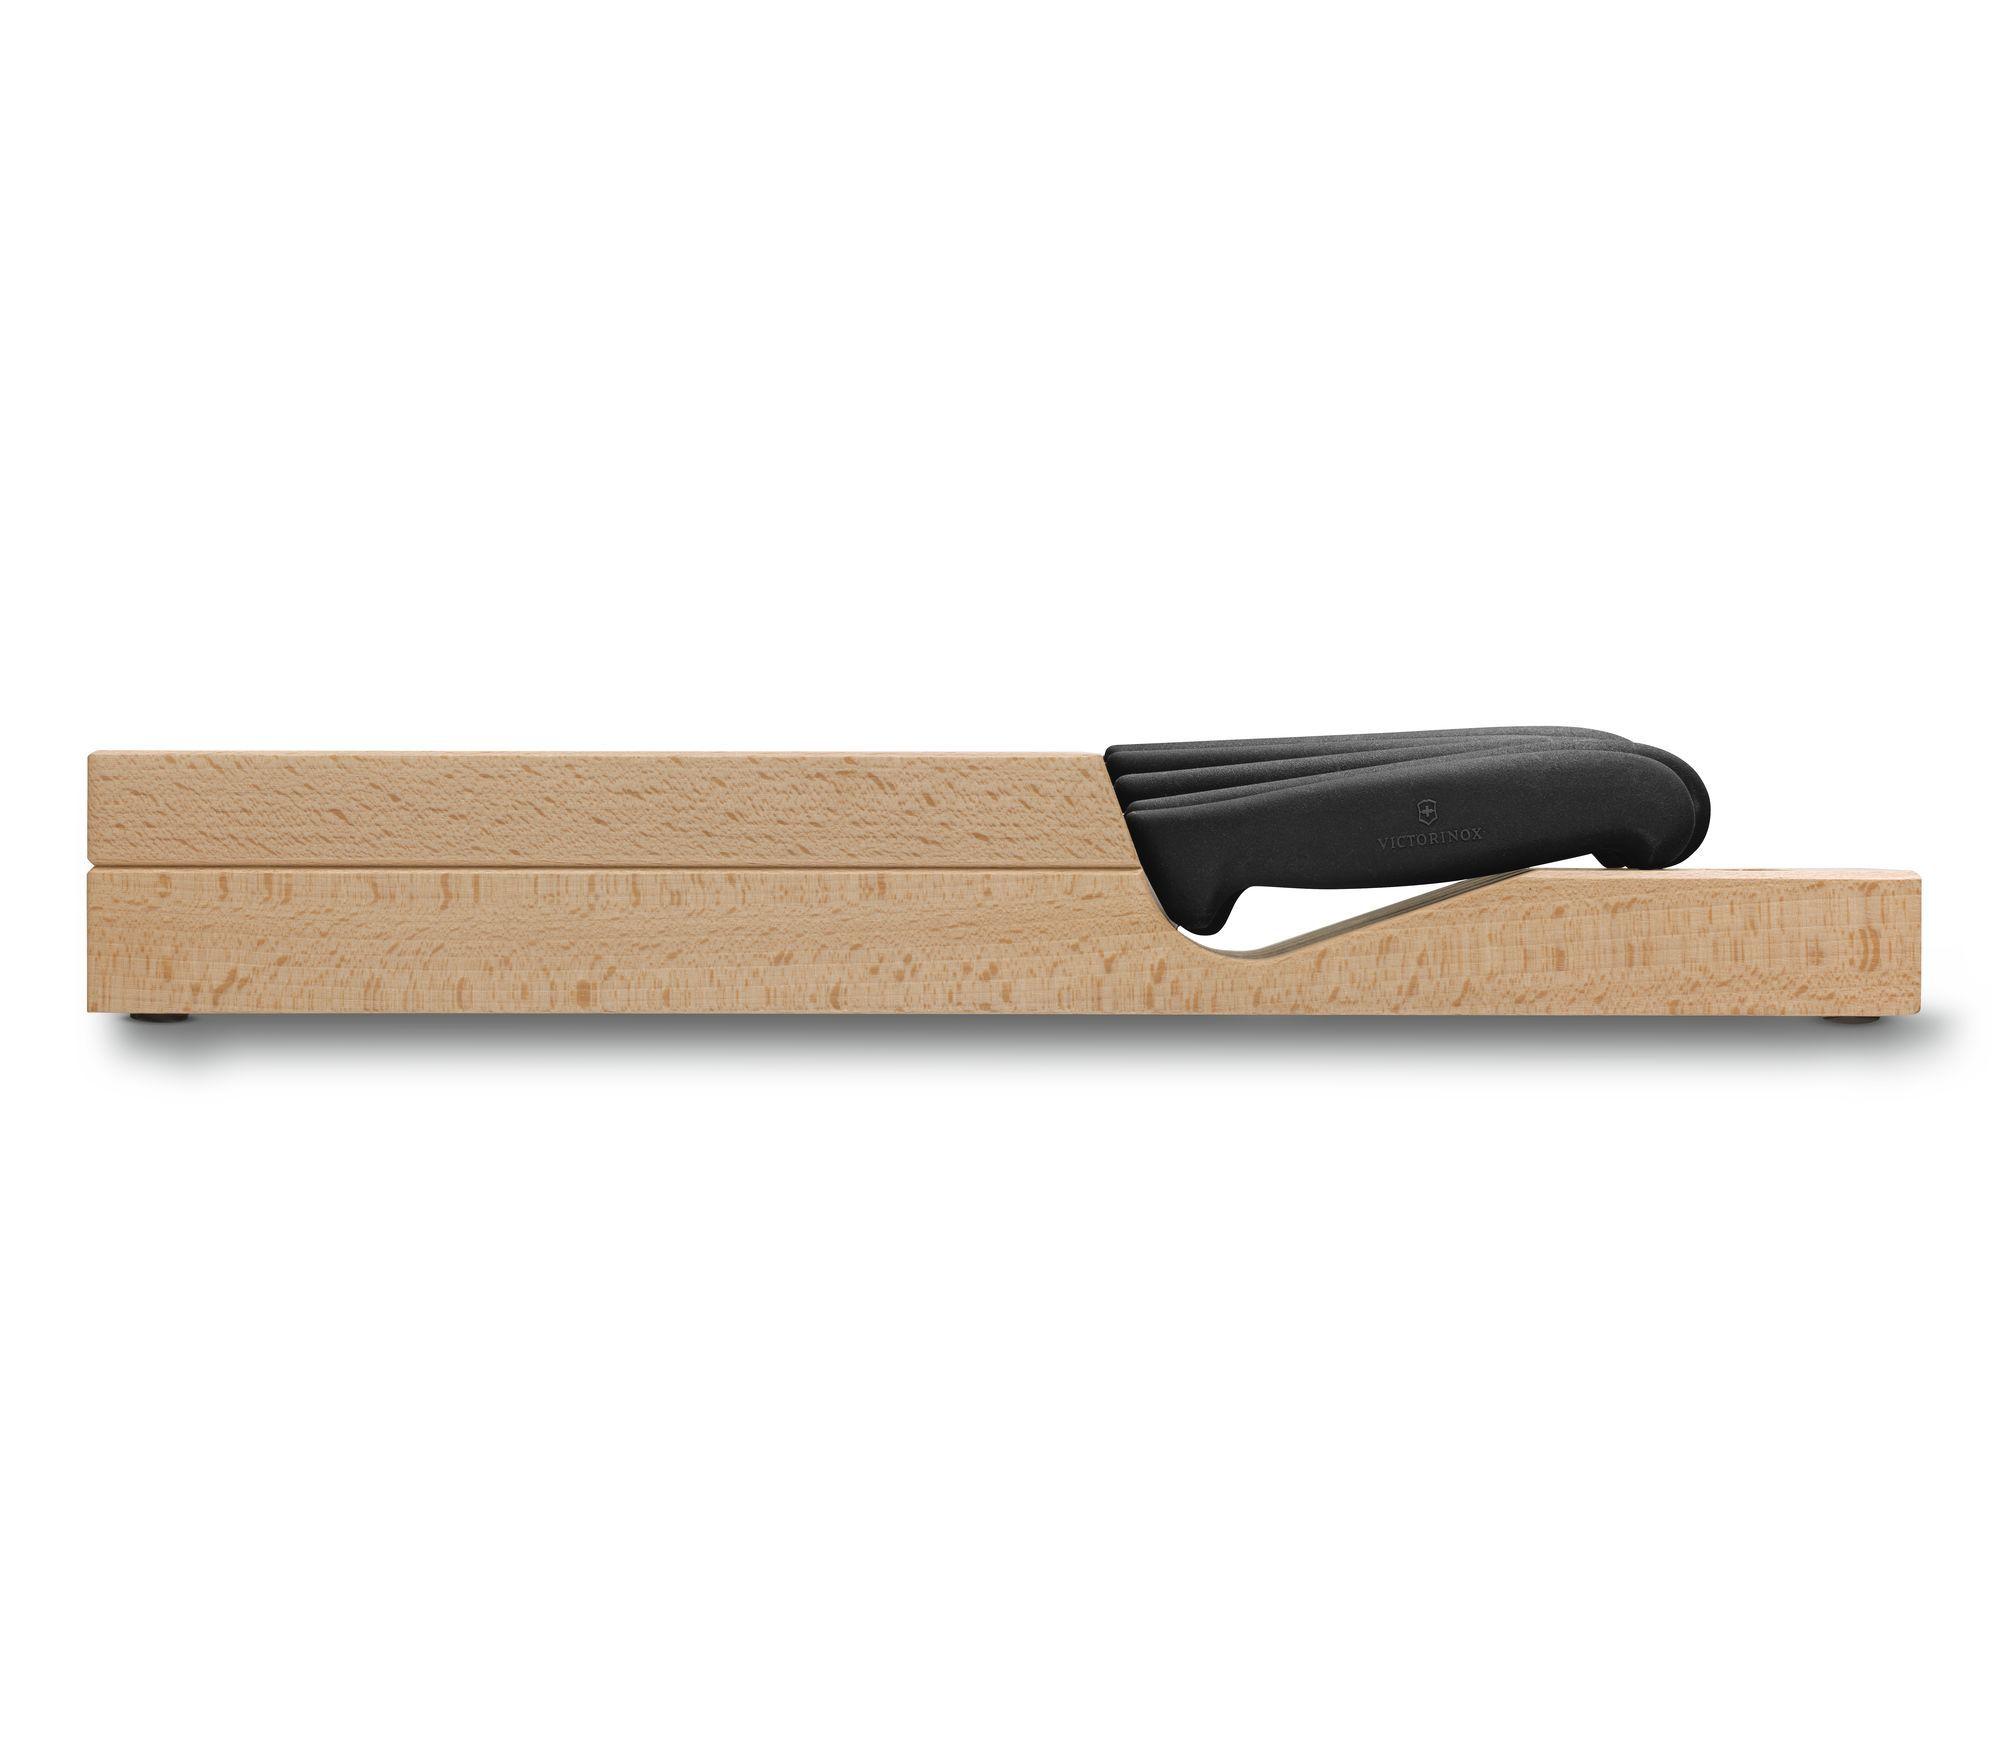 Cepo de madeira com 5 facas Swiss Classic Victorinox 5.1143.5  - Mix Eletro